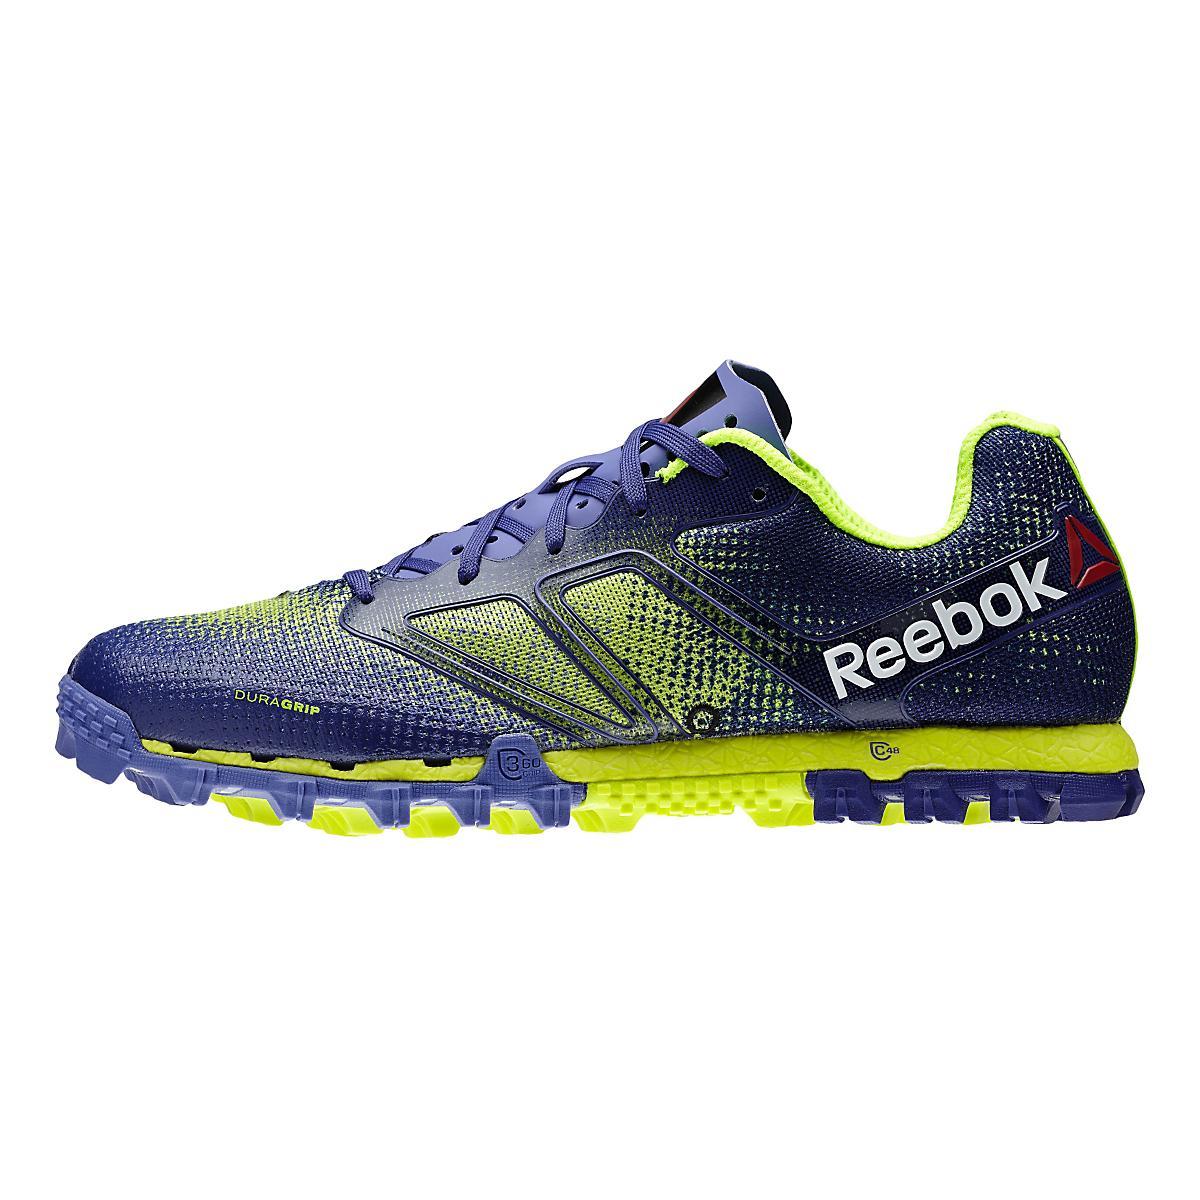 c097cff68 Womens Reebok All Terrain Super Running Shoe at Road Runner Sports